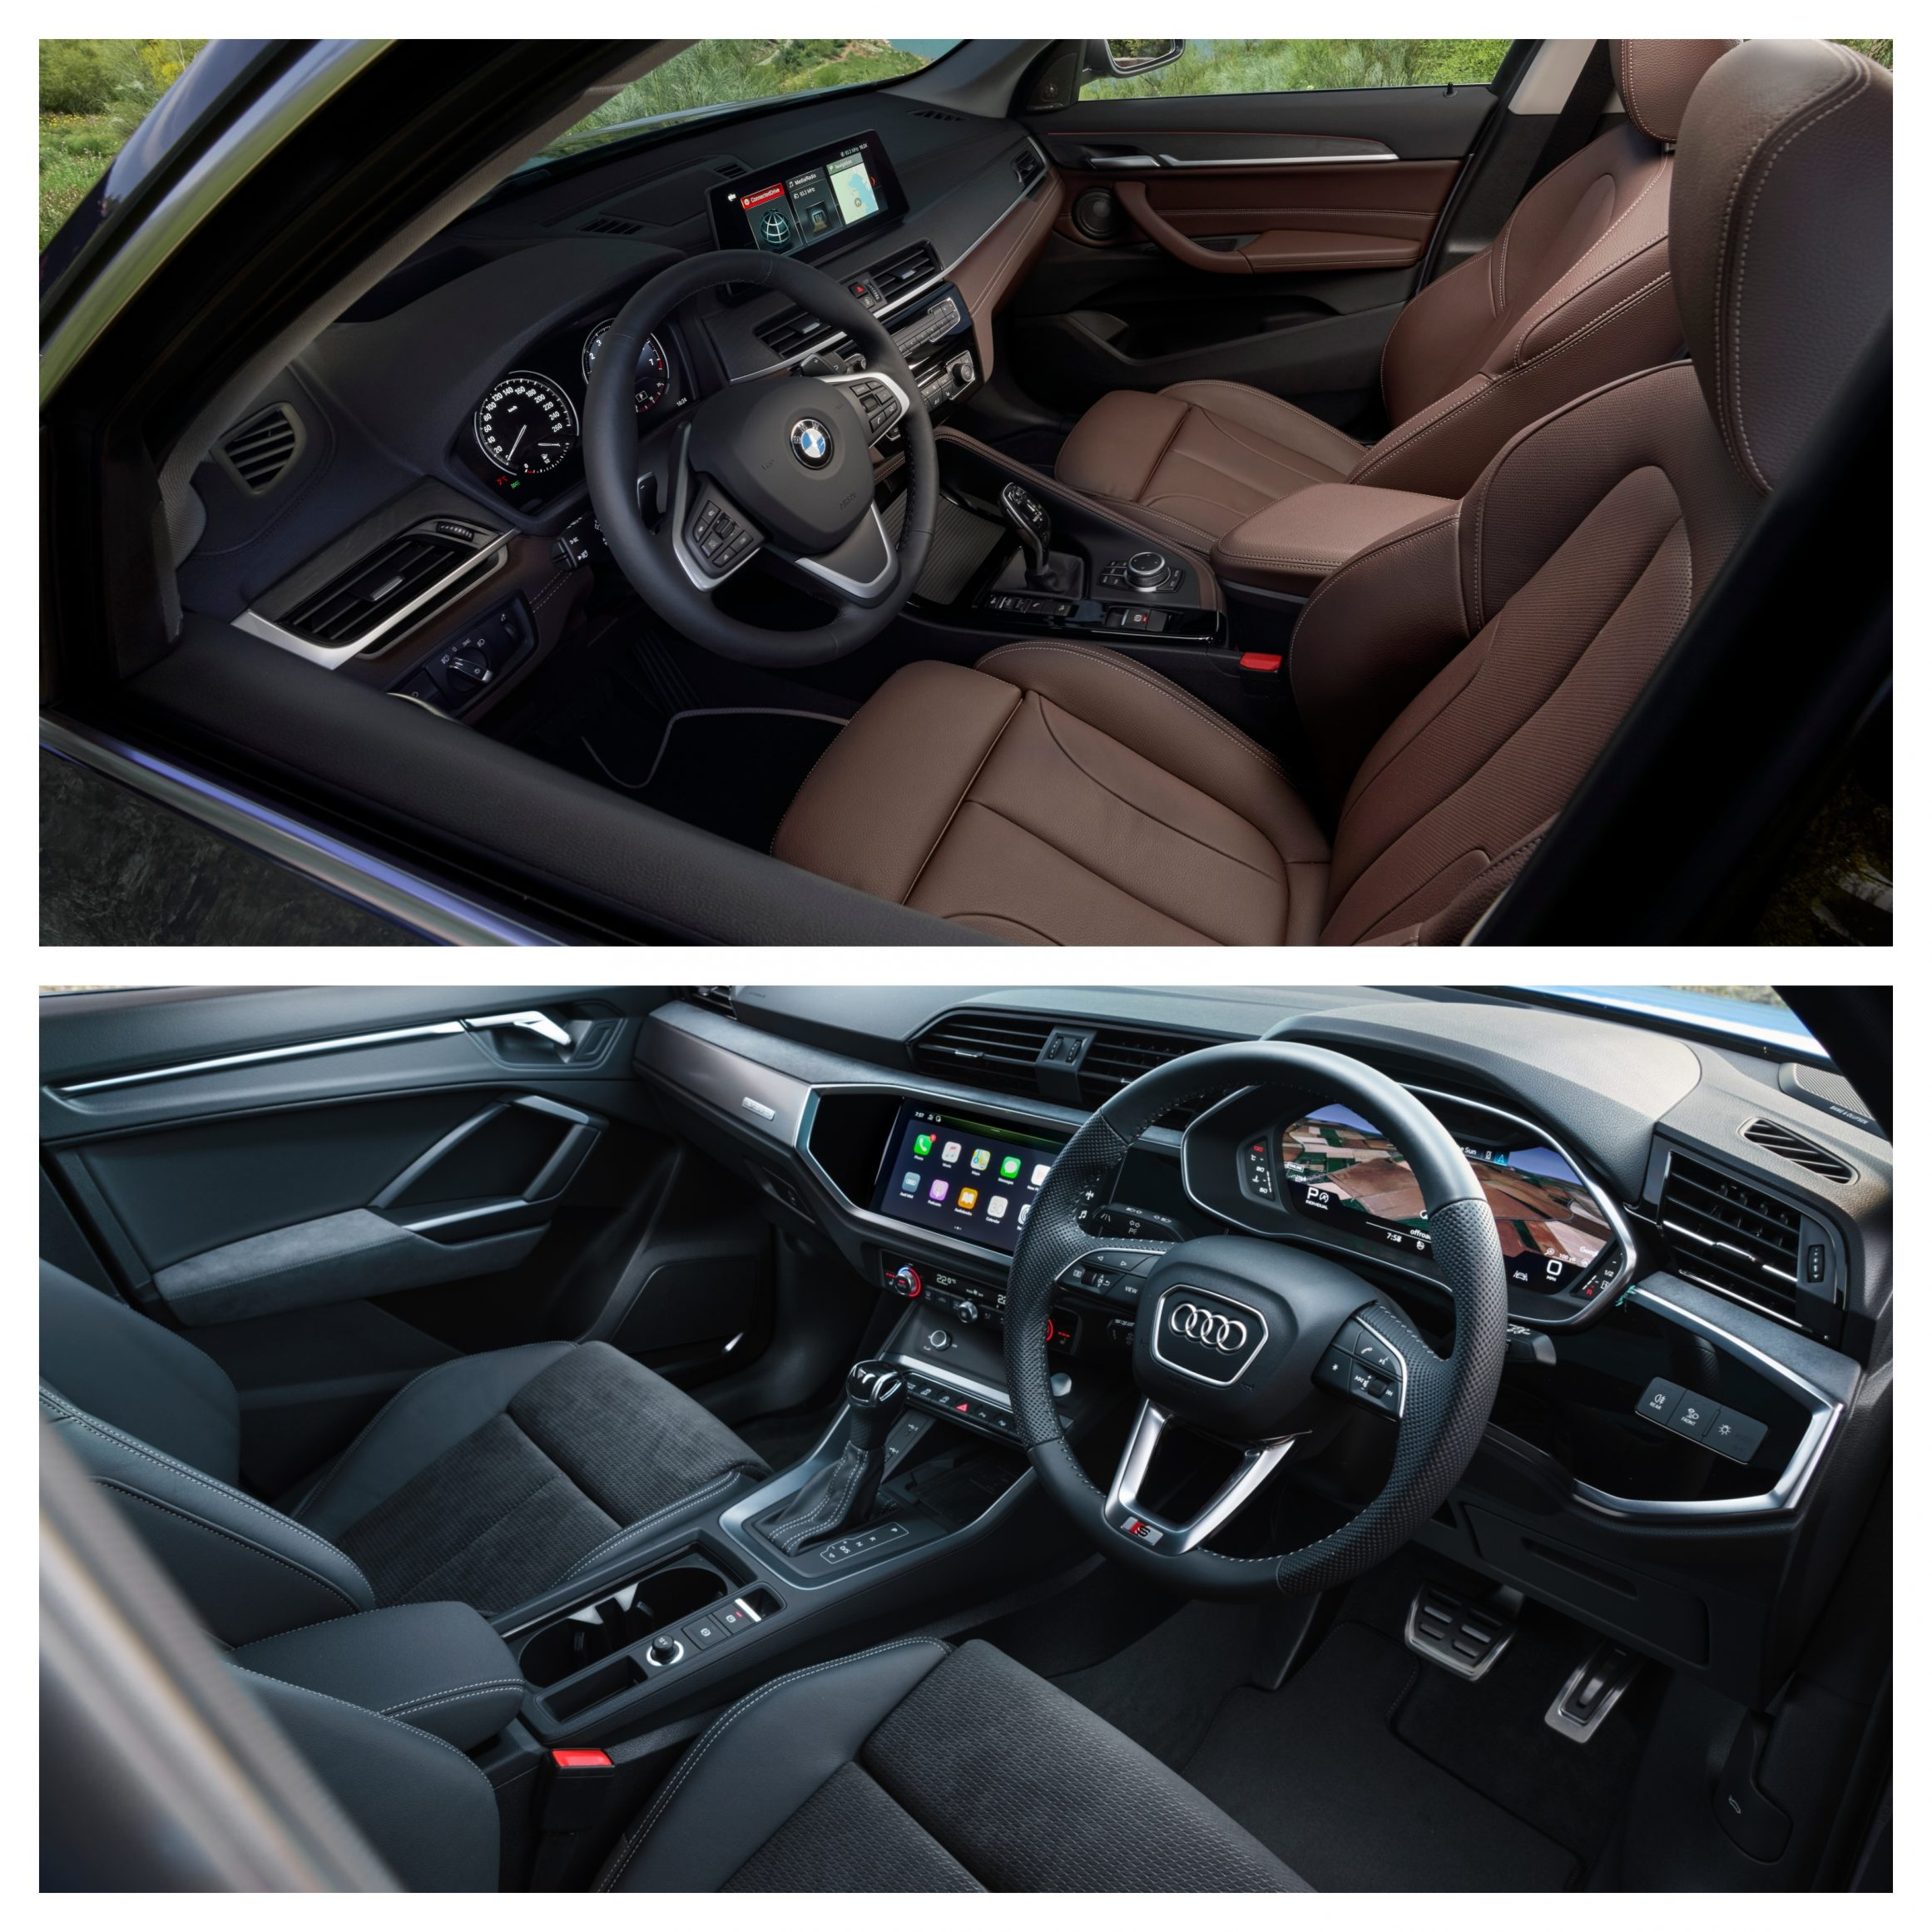 BMW X1 Vs Audi Q3 - interior design and space